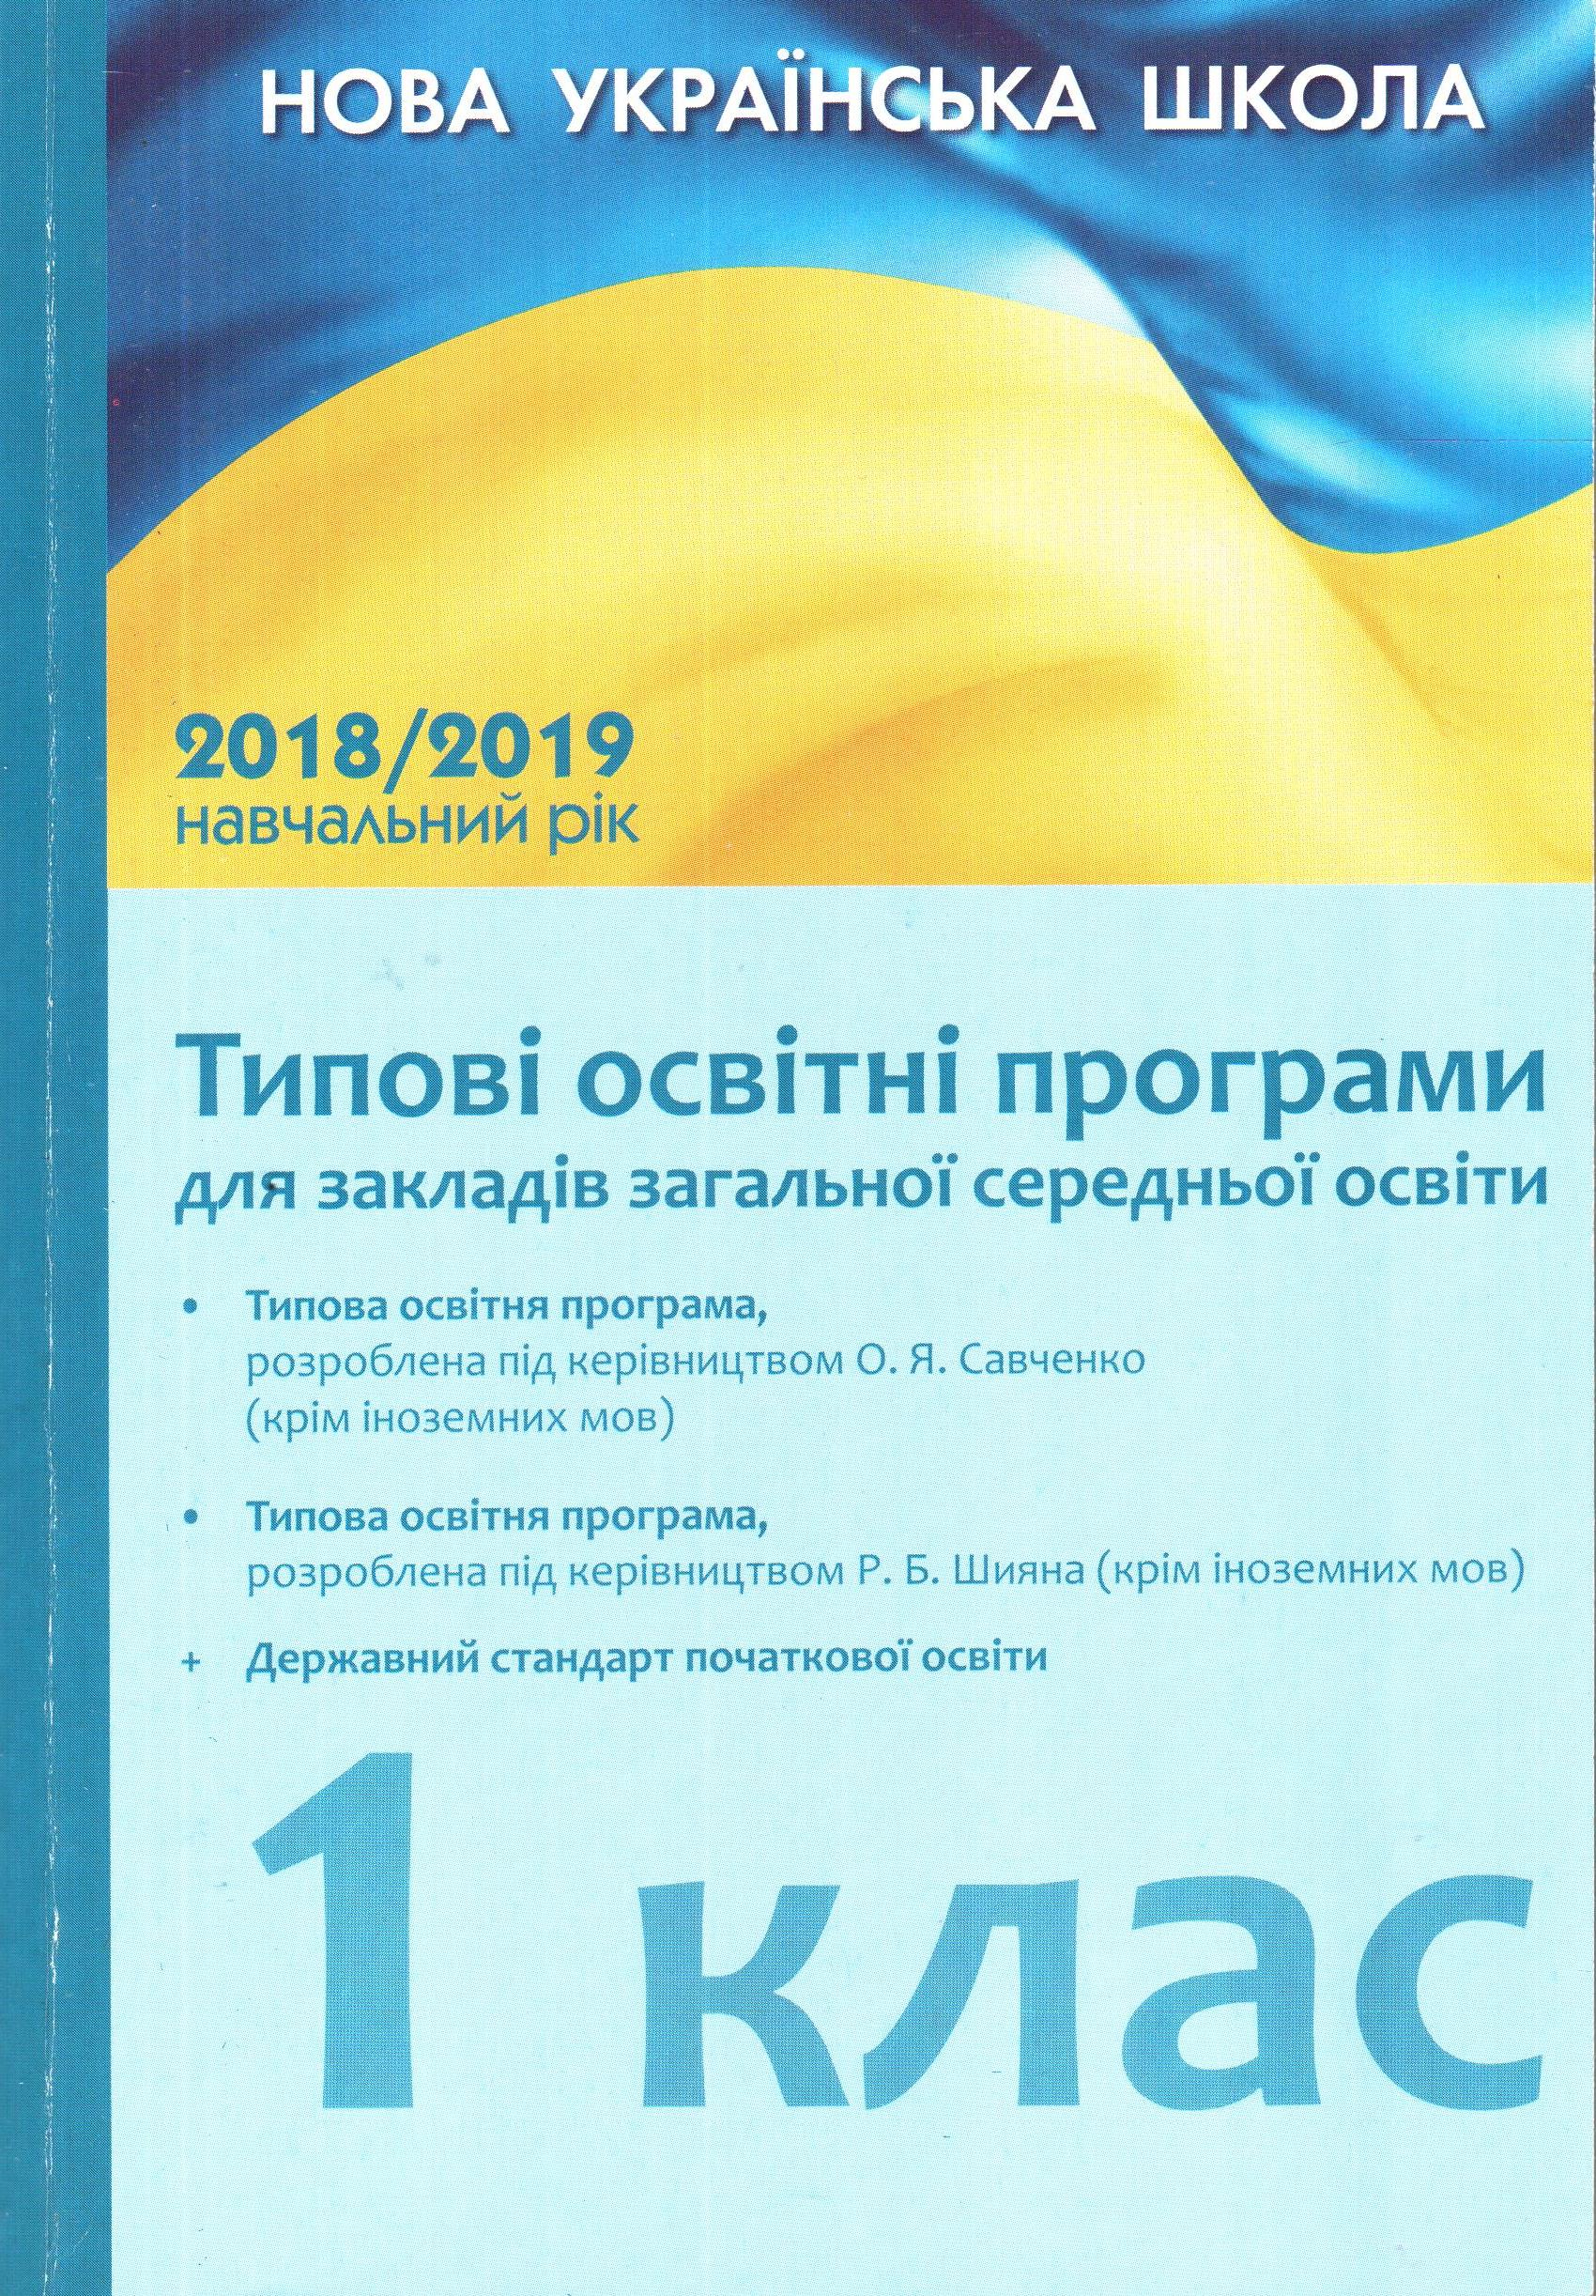 буквар жукова на укранськй мов скачати 1